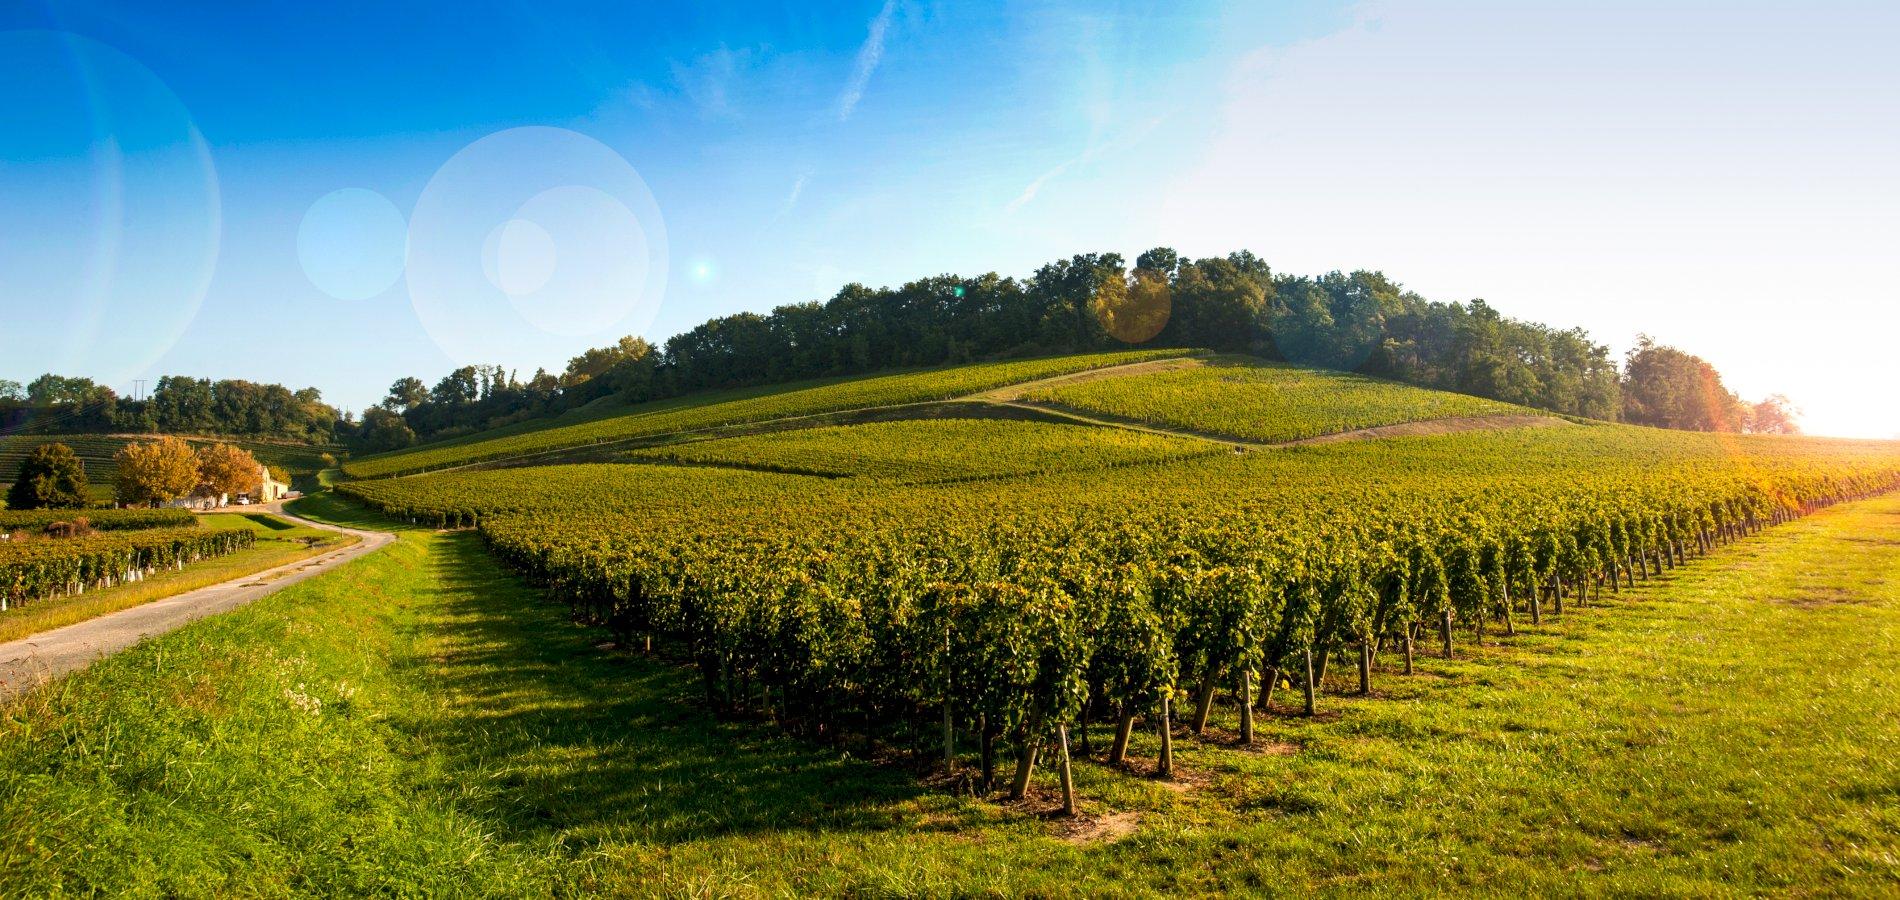 Ophorus Tours - Saint Emilion Wine Tour Shared Half Day Trip From Bordeaux